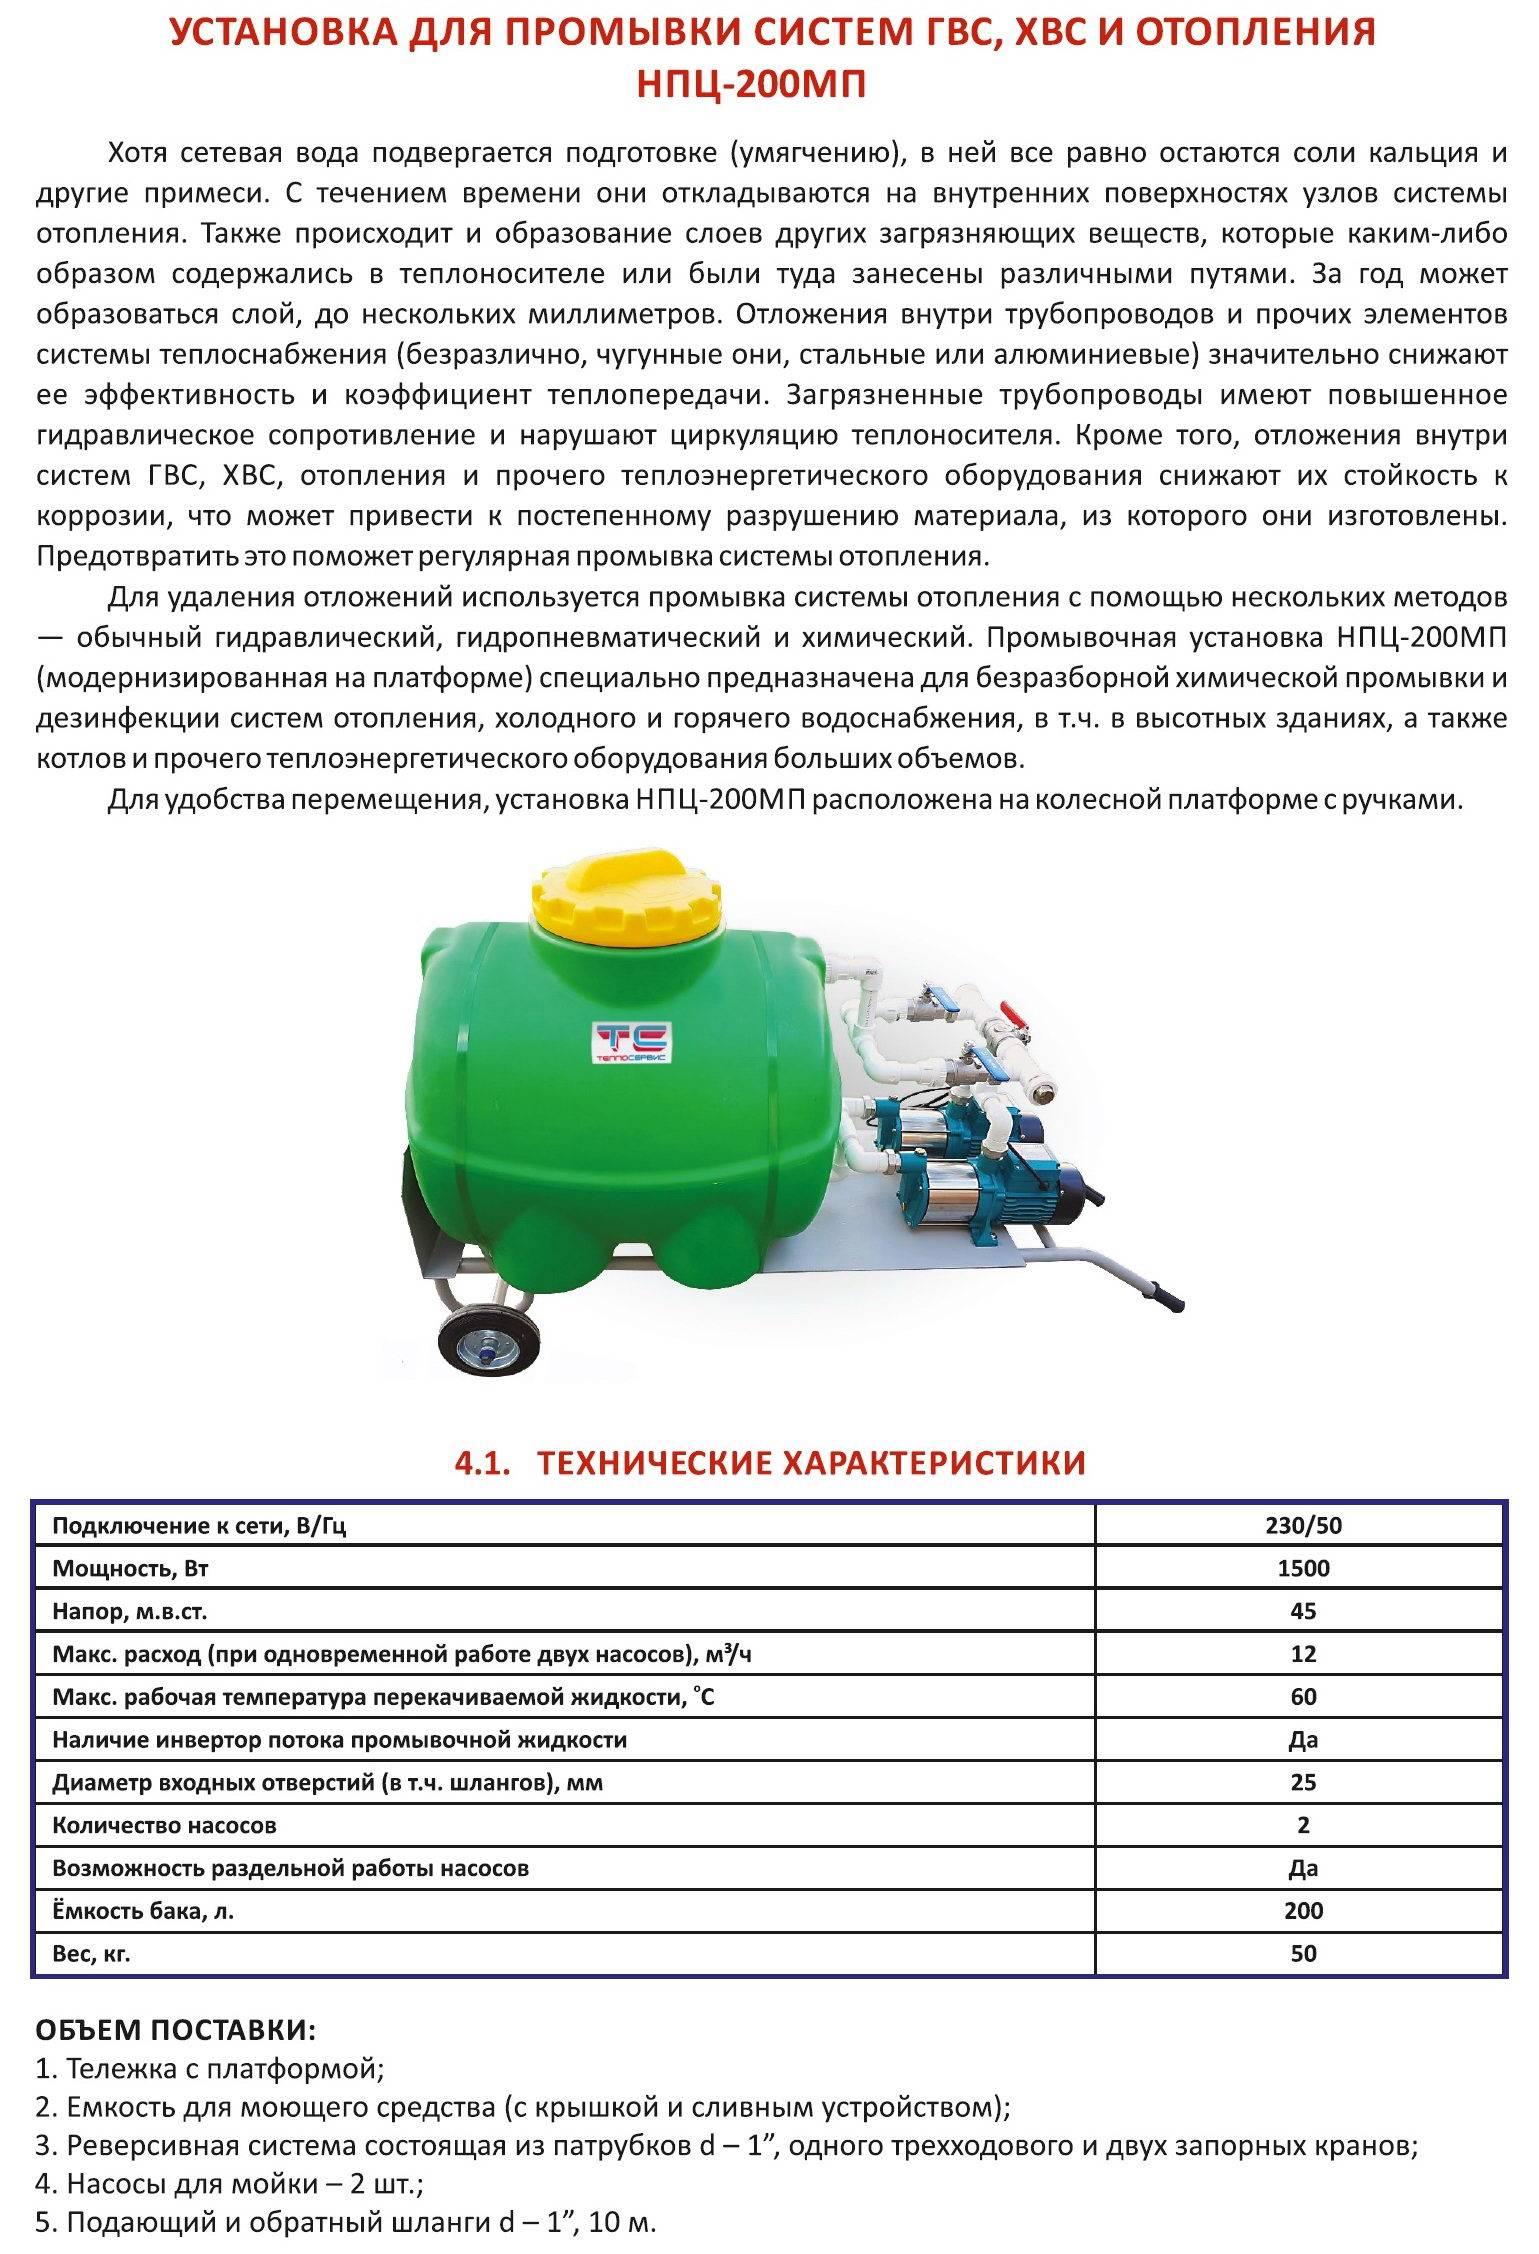 Промывка системы отопления многоквартирного дома: методы и особенности проведения работ в жилых помещениях